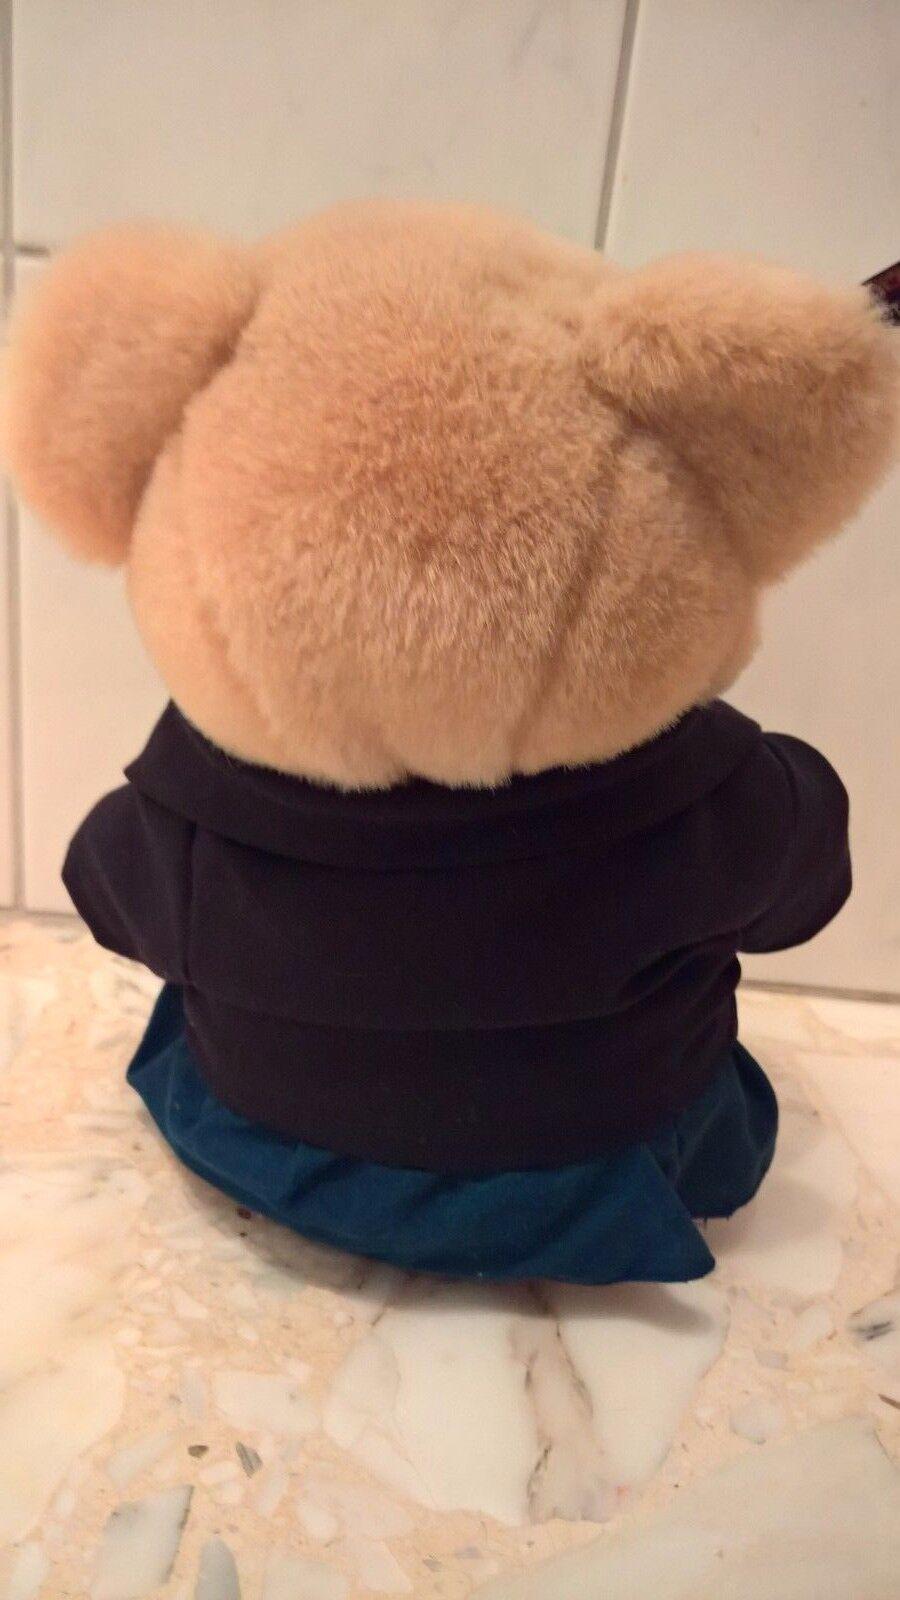 Mondi Fashion Bär, Plüsch, aus Teddy, neuwertig, aus Plüsch, Sammlung 4b5971